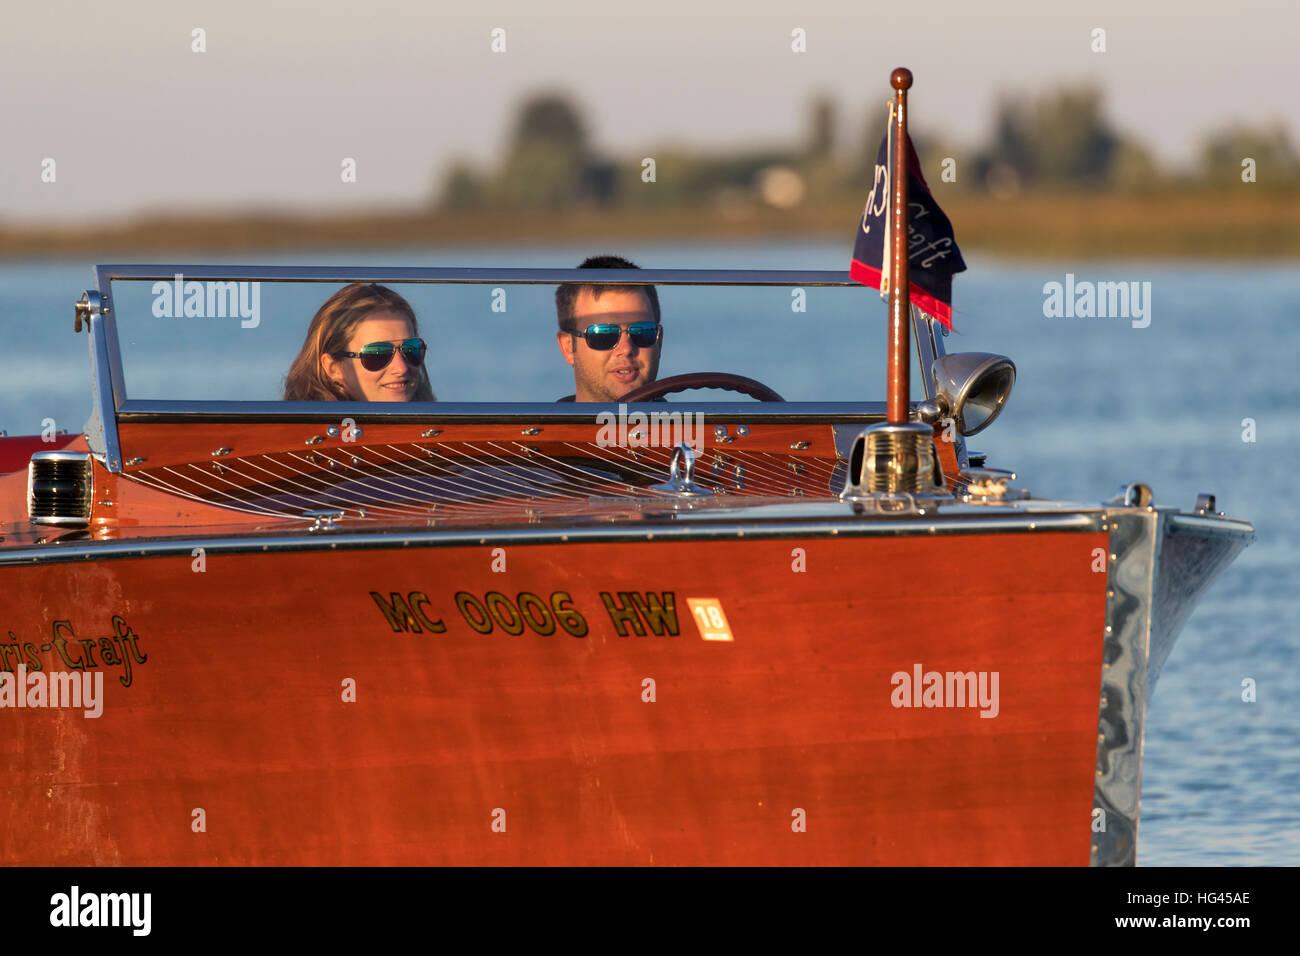 Ein junges Paar, eine antike, Holz Boot fahren. Stockbild